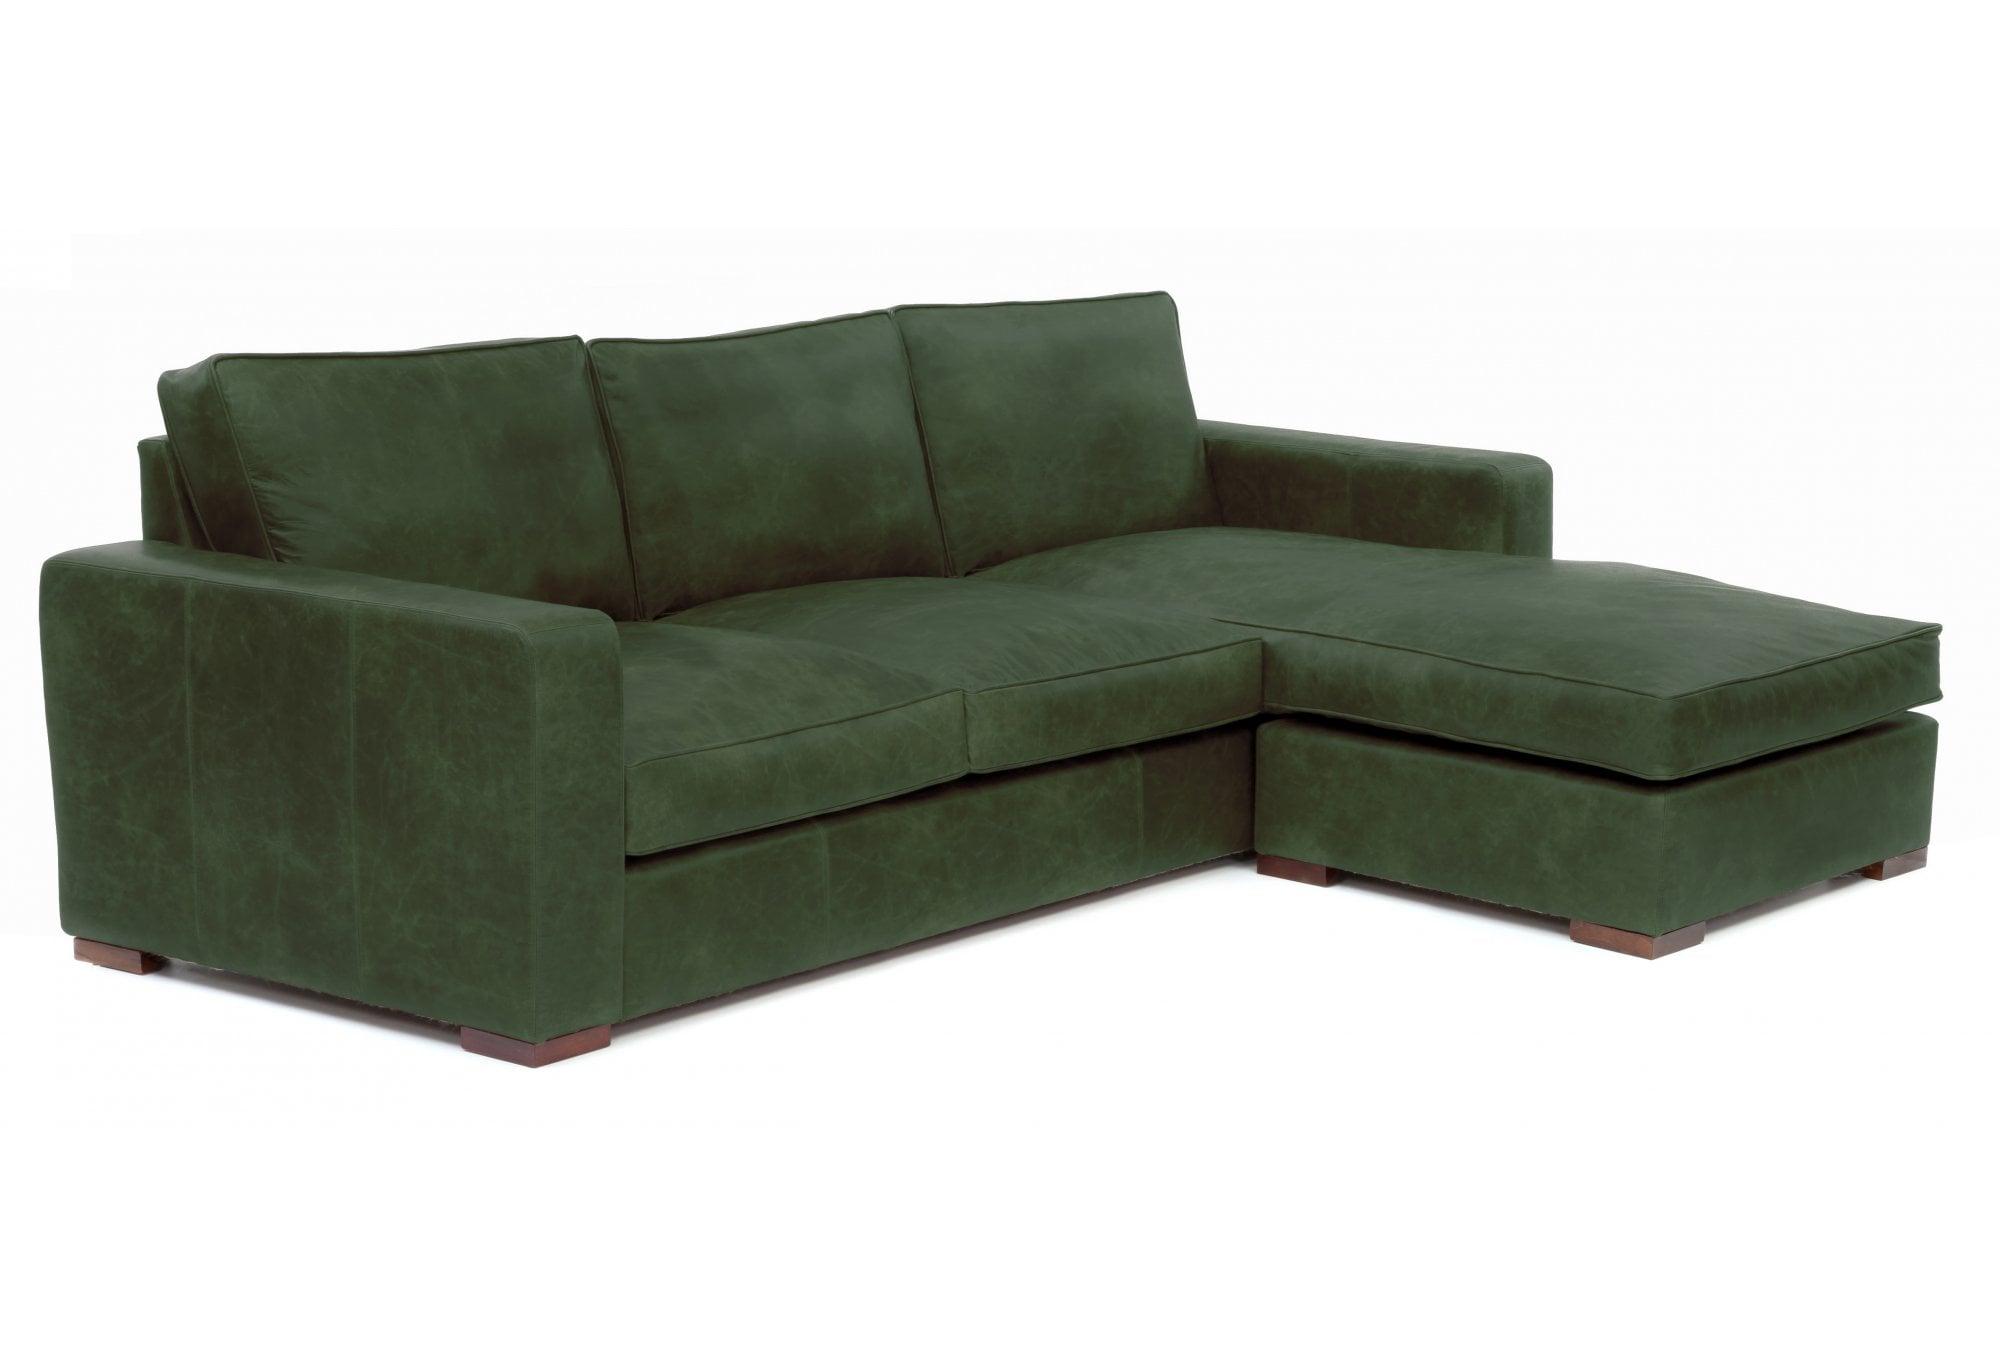 Large Leather Corner Sofa Bed - Socpar.Org